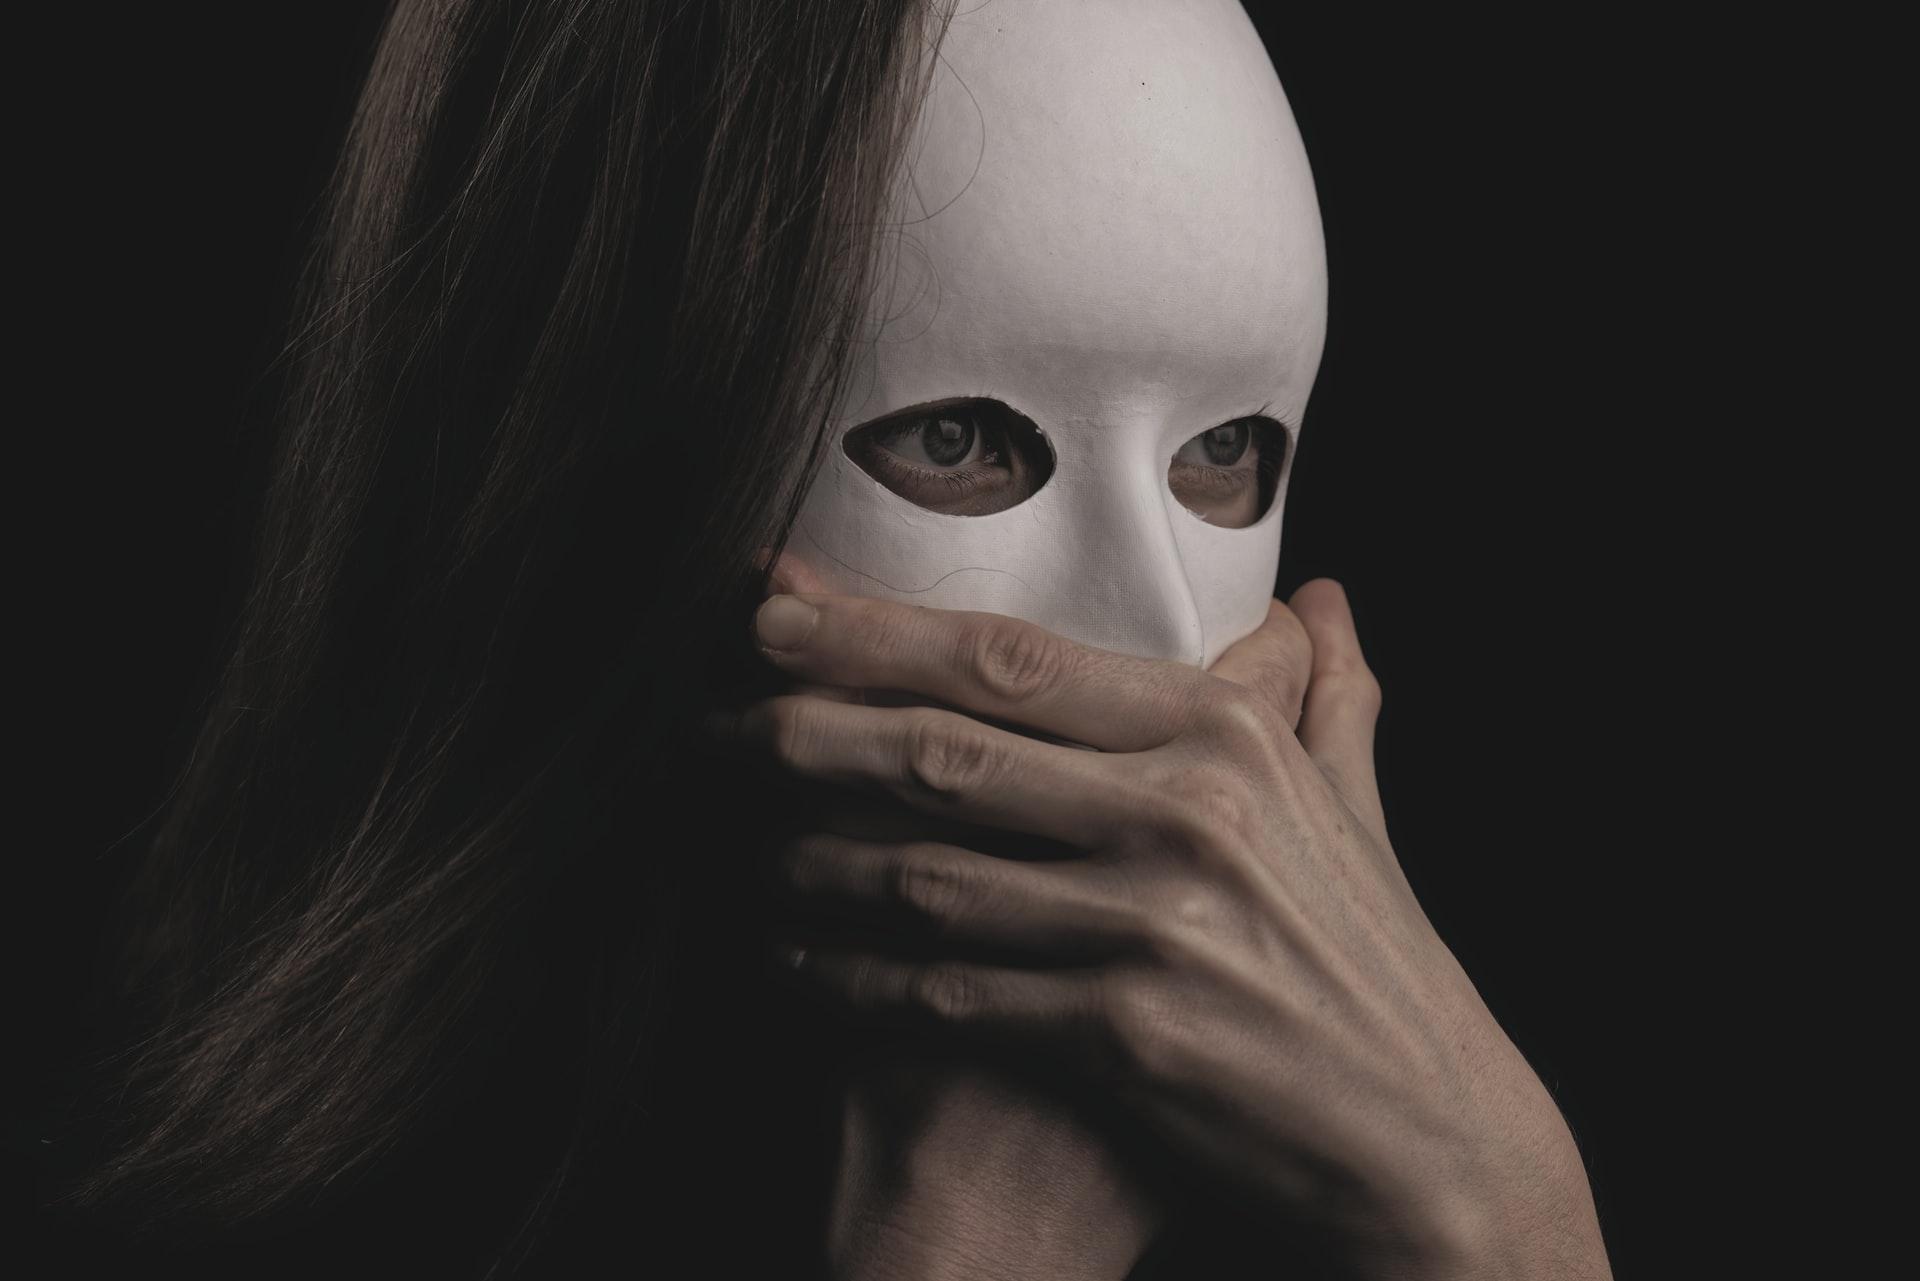 Henkilö, jolla on valkoinen kasvot peittävä naamari. Henkilön silmät näkyvät naamarin aukoista, mutta suuta peittävät kädet.